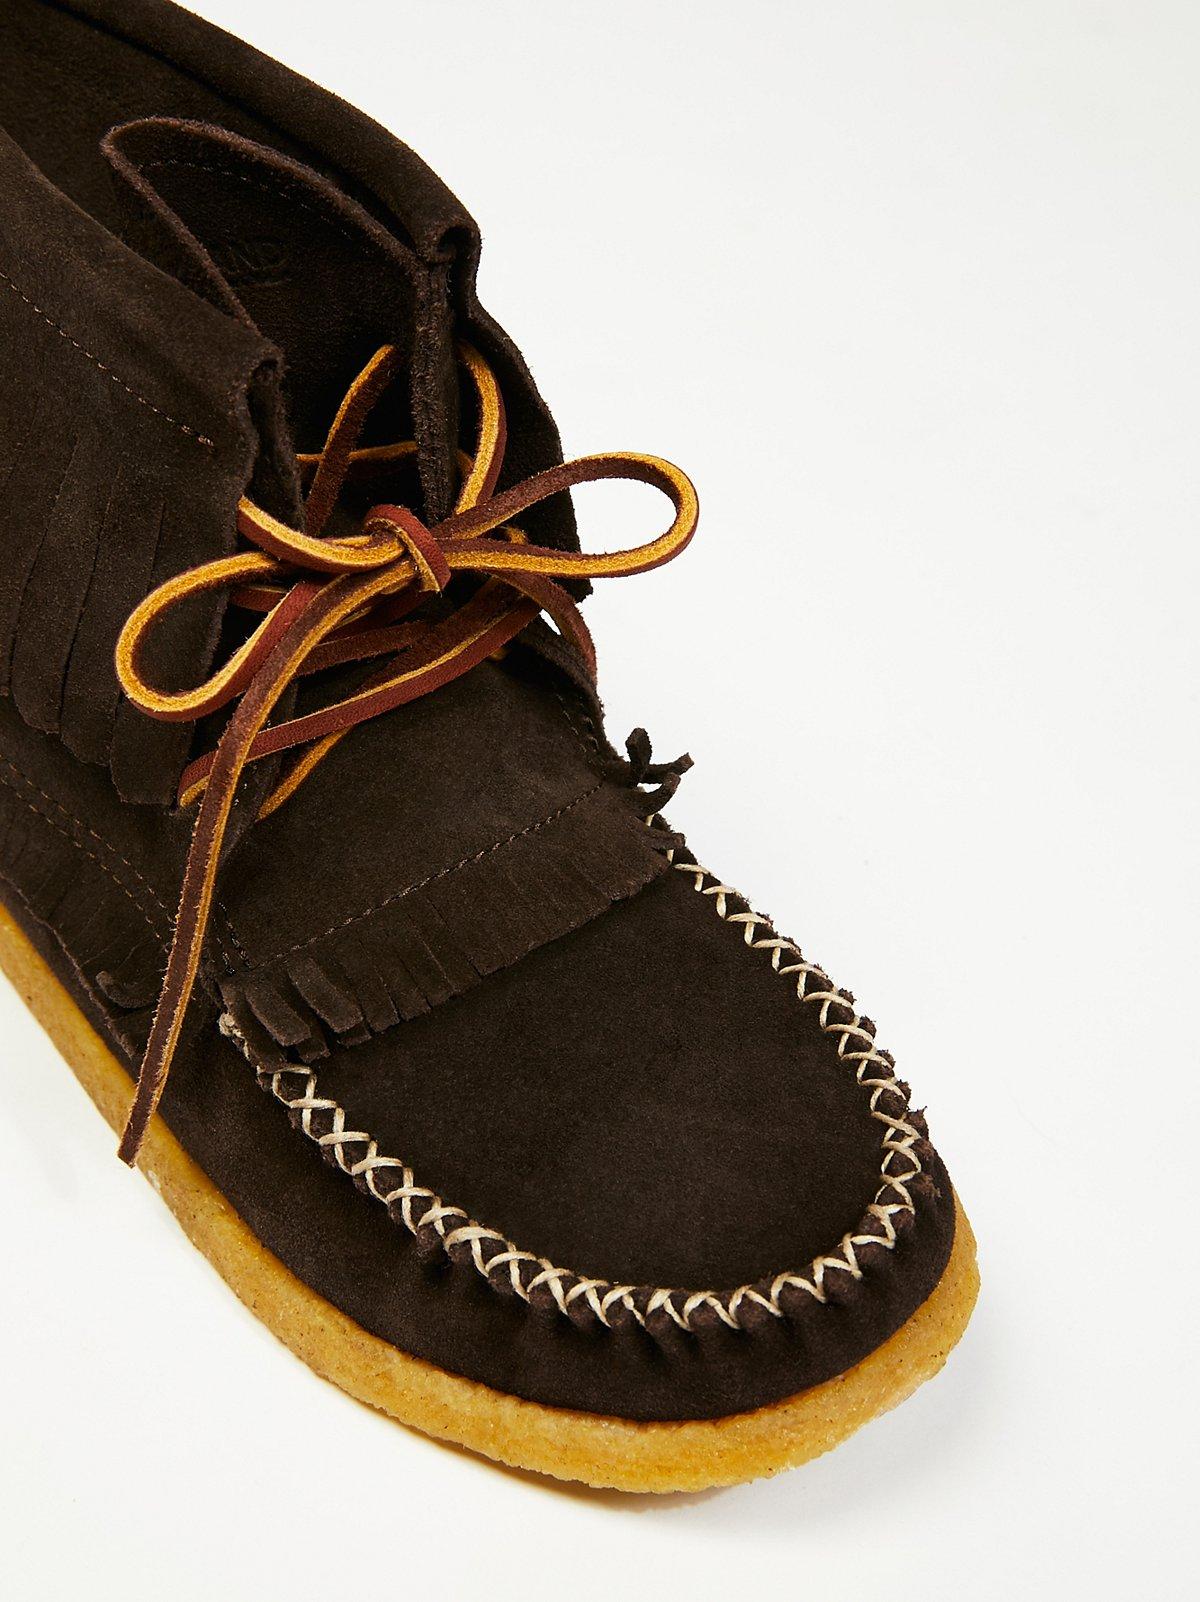 Eastland莫卡辛靴